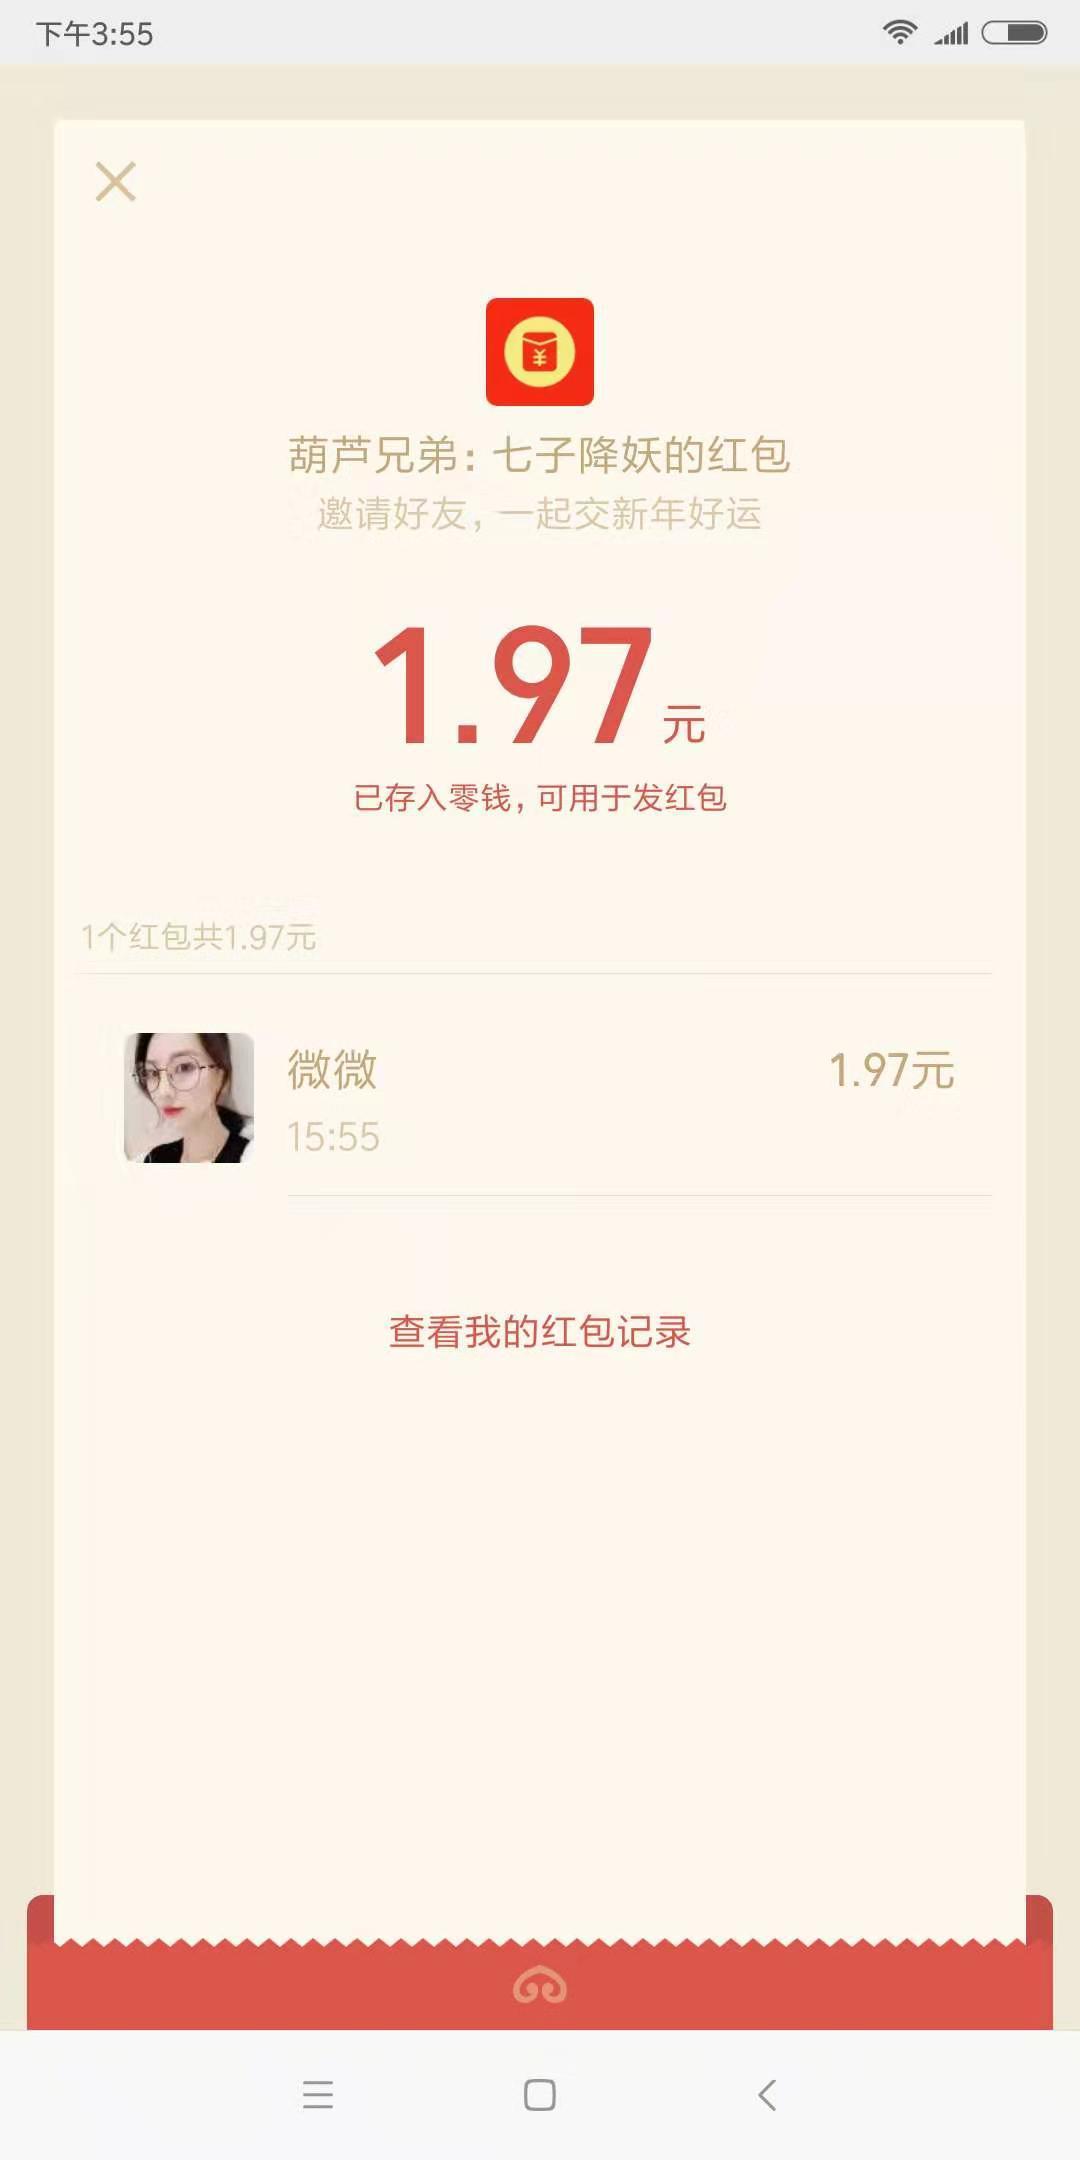 手机游戏试玩app,葫芦兄弟手游新用户下载试玩到10级领红包 网络赚钱 第3张